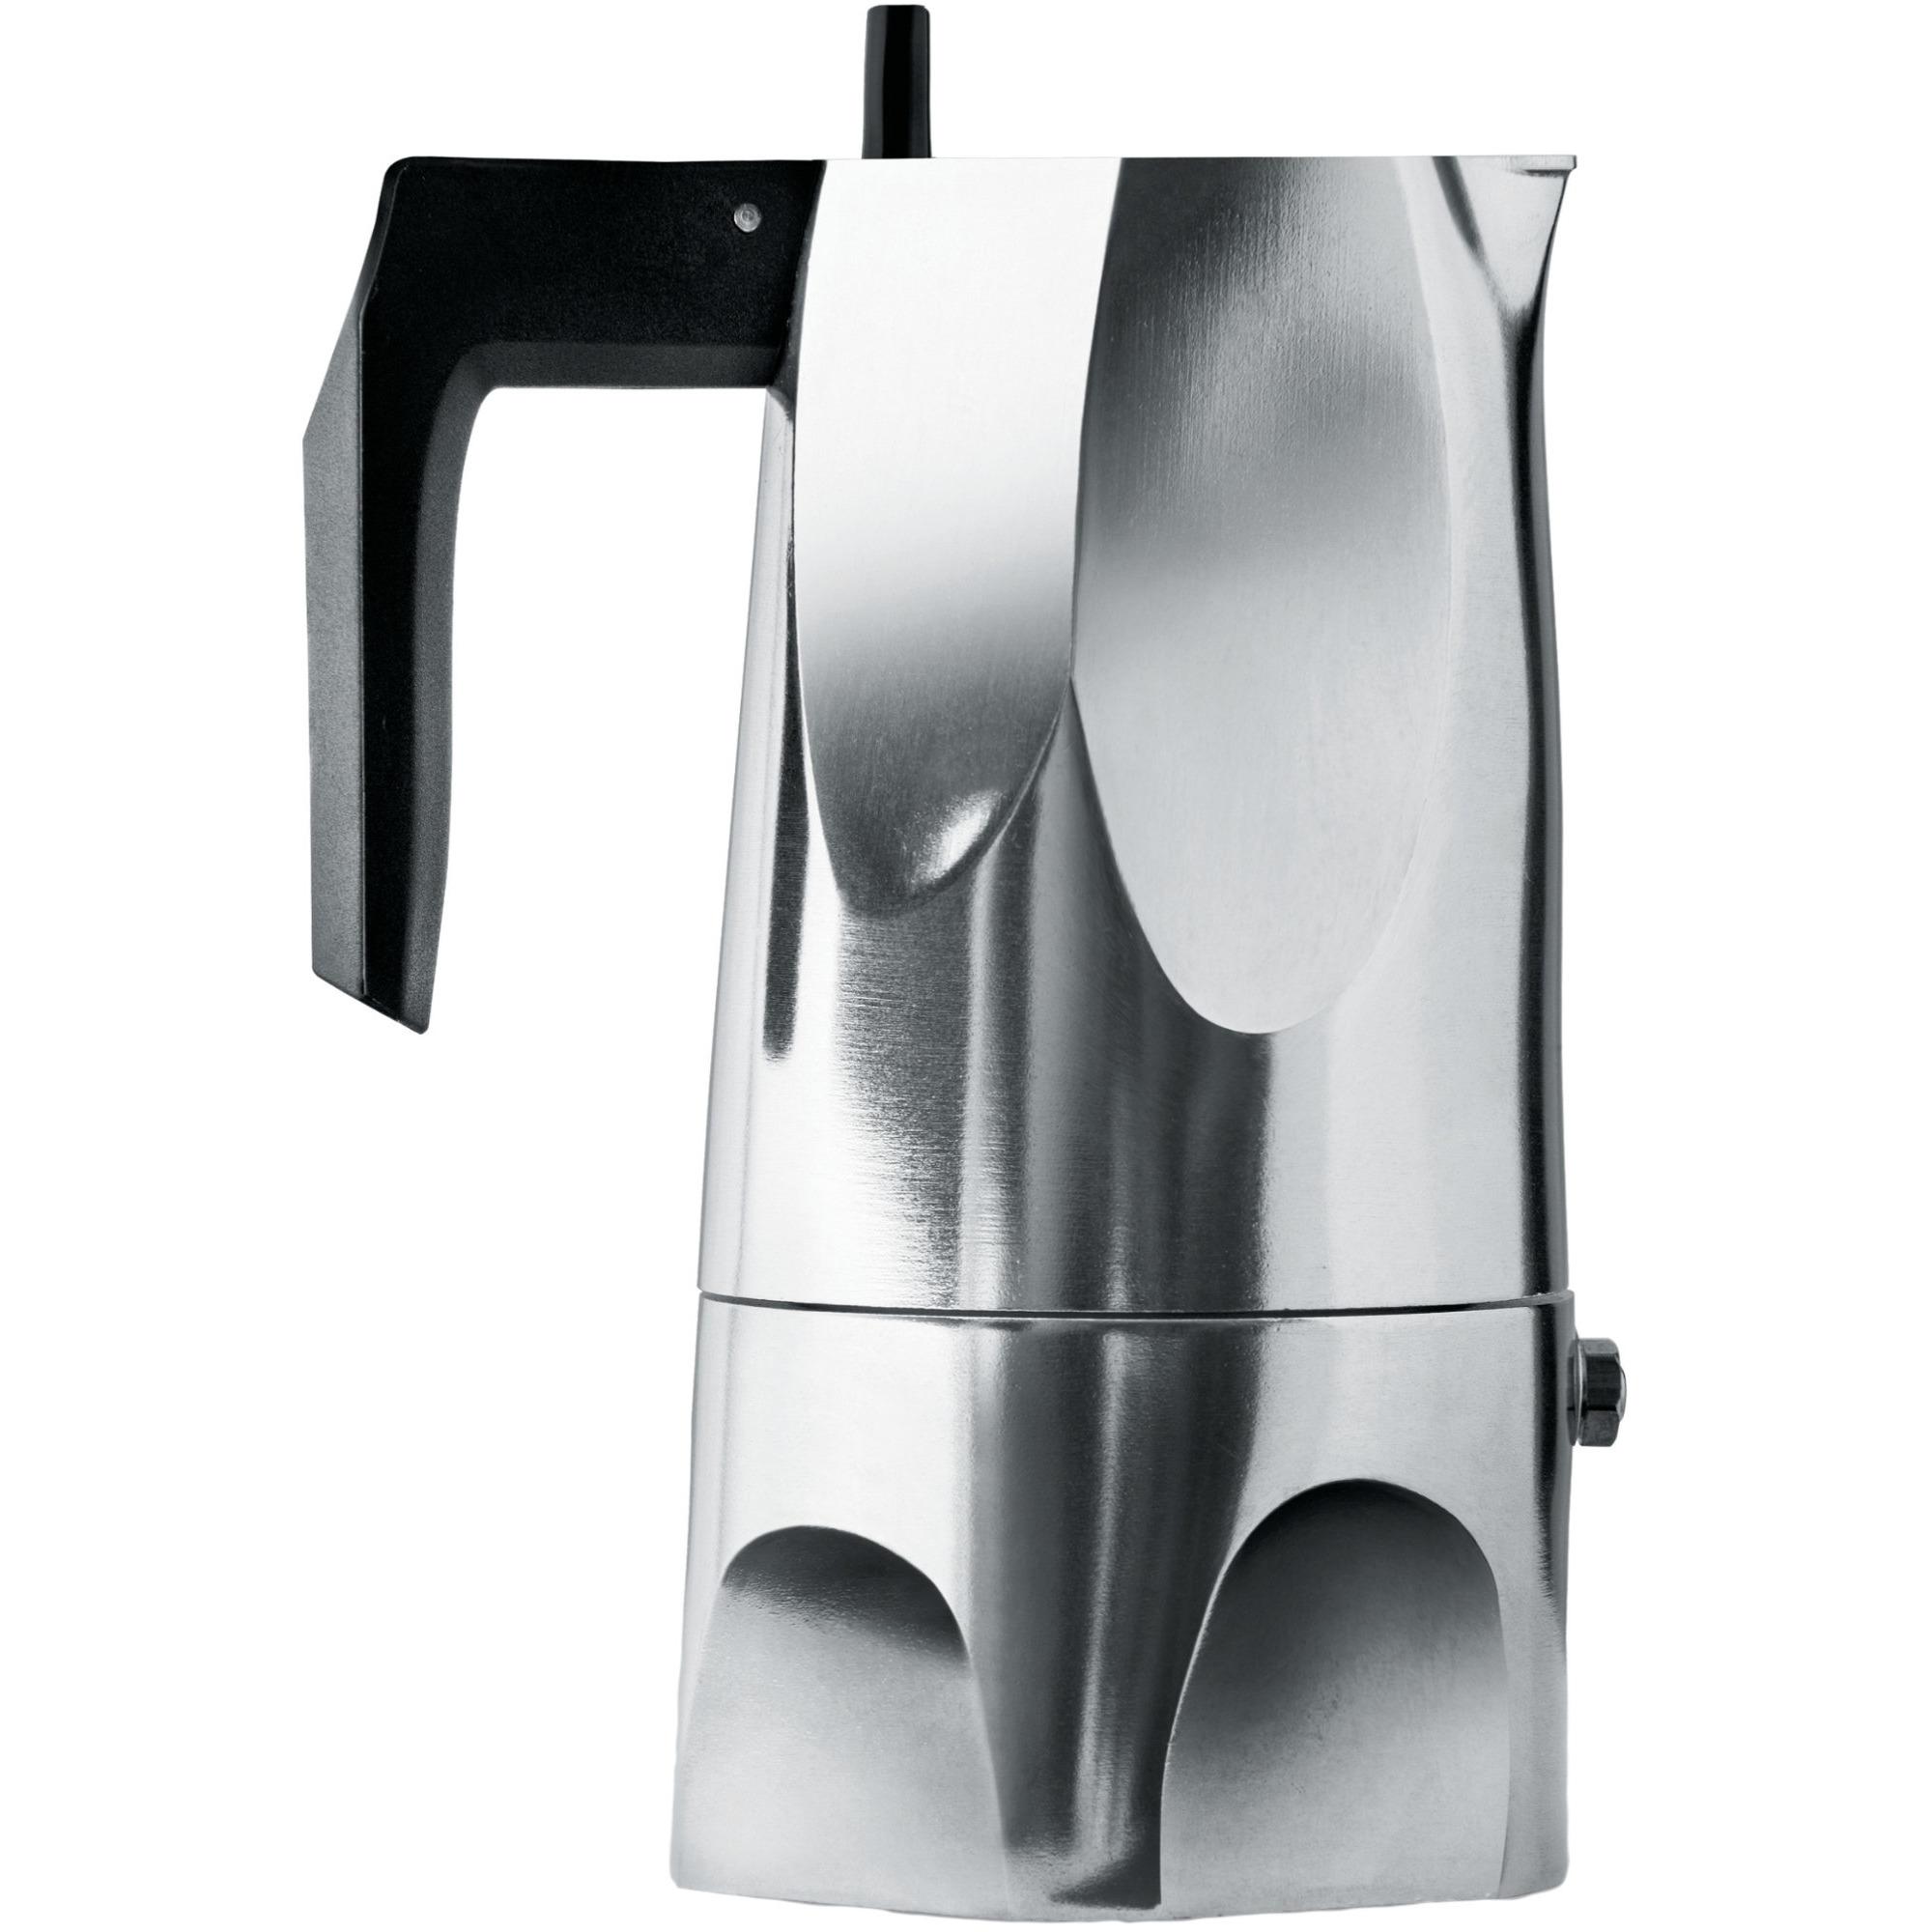 Alessi Ossidiana Espressobryggare 3 koppar Rostfritt Stål